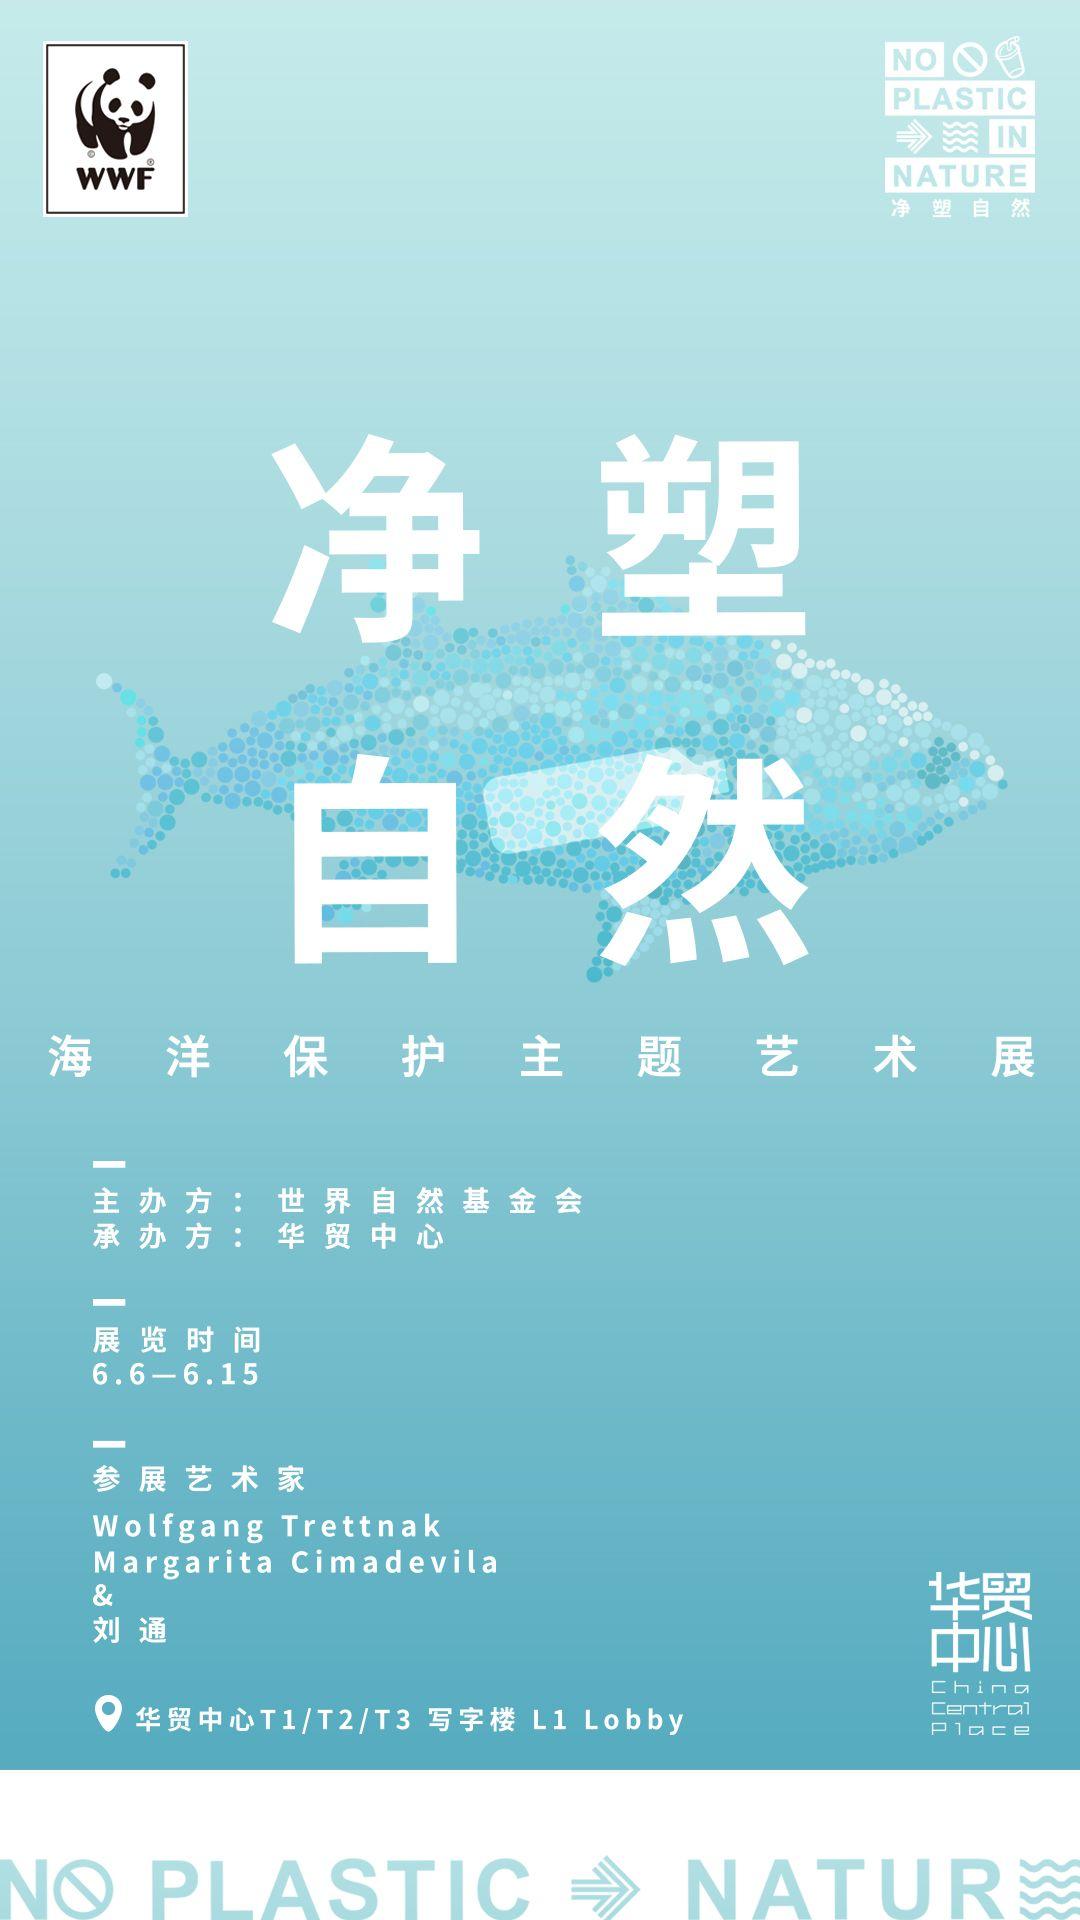 WWF海洋保护主题展开幕  刘通携作品呼吁关注塑料垃圾污染